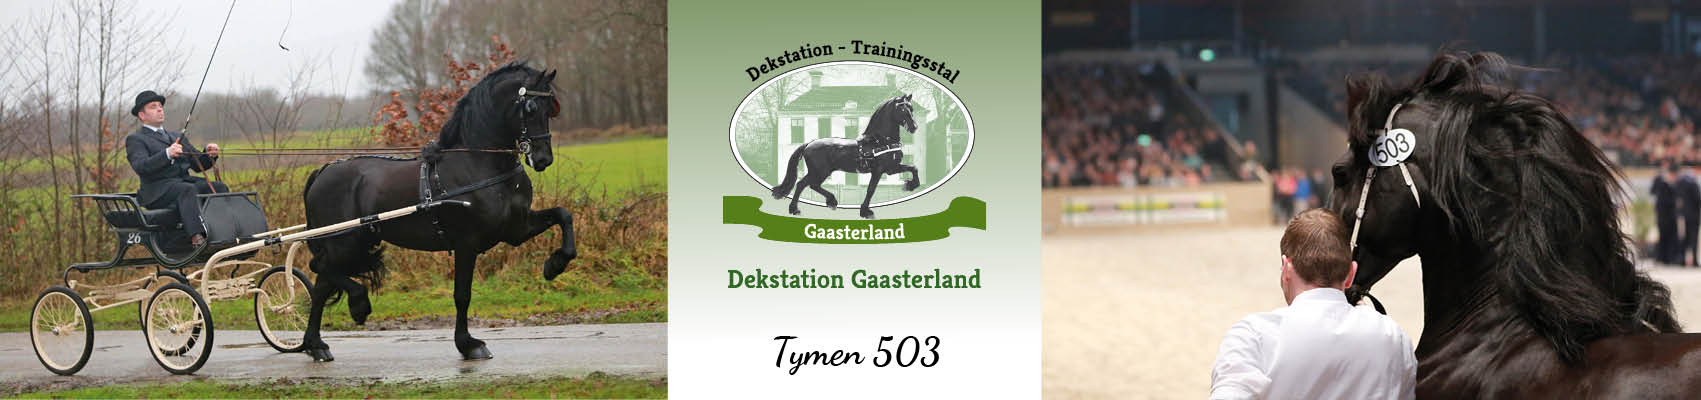 17.079_ Dekstationgaasterland_header-dekhengst Tymen 503